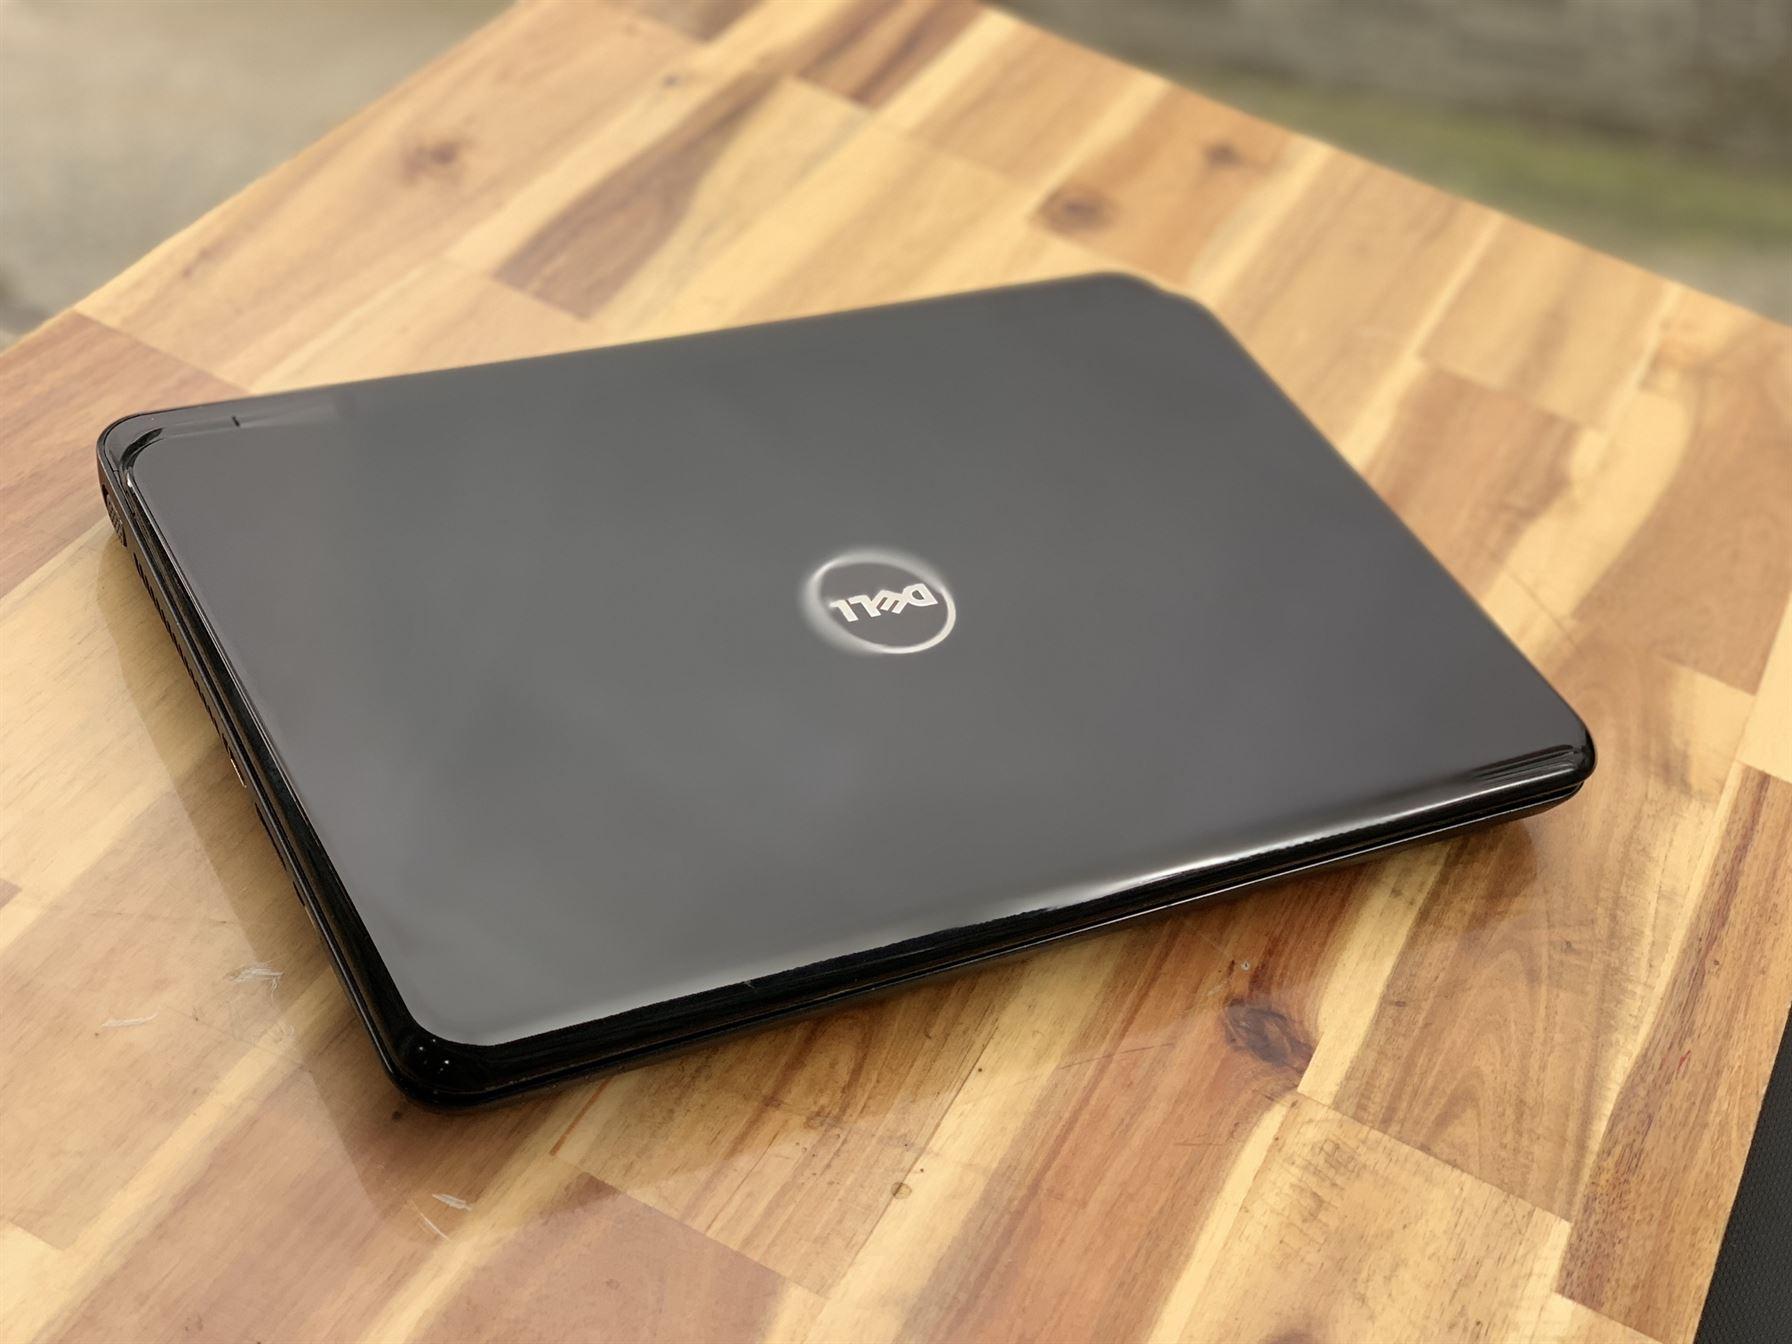 Dell Inspiron N4110 Core i5 – 2550M/ RAM 4G/ HDD 500G/  VGA AMD Radeon HD 6400